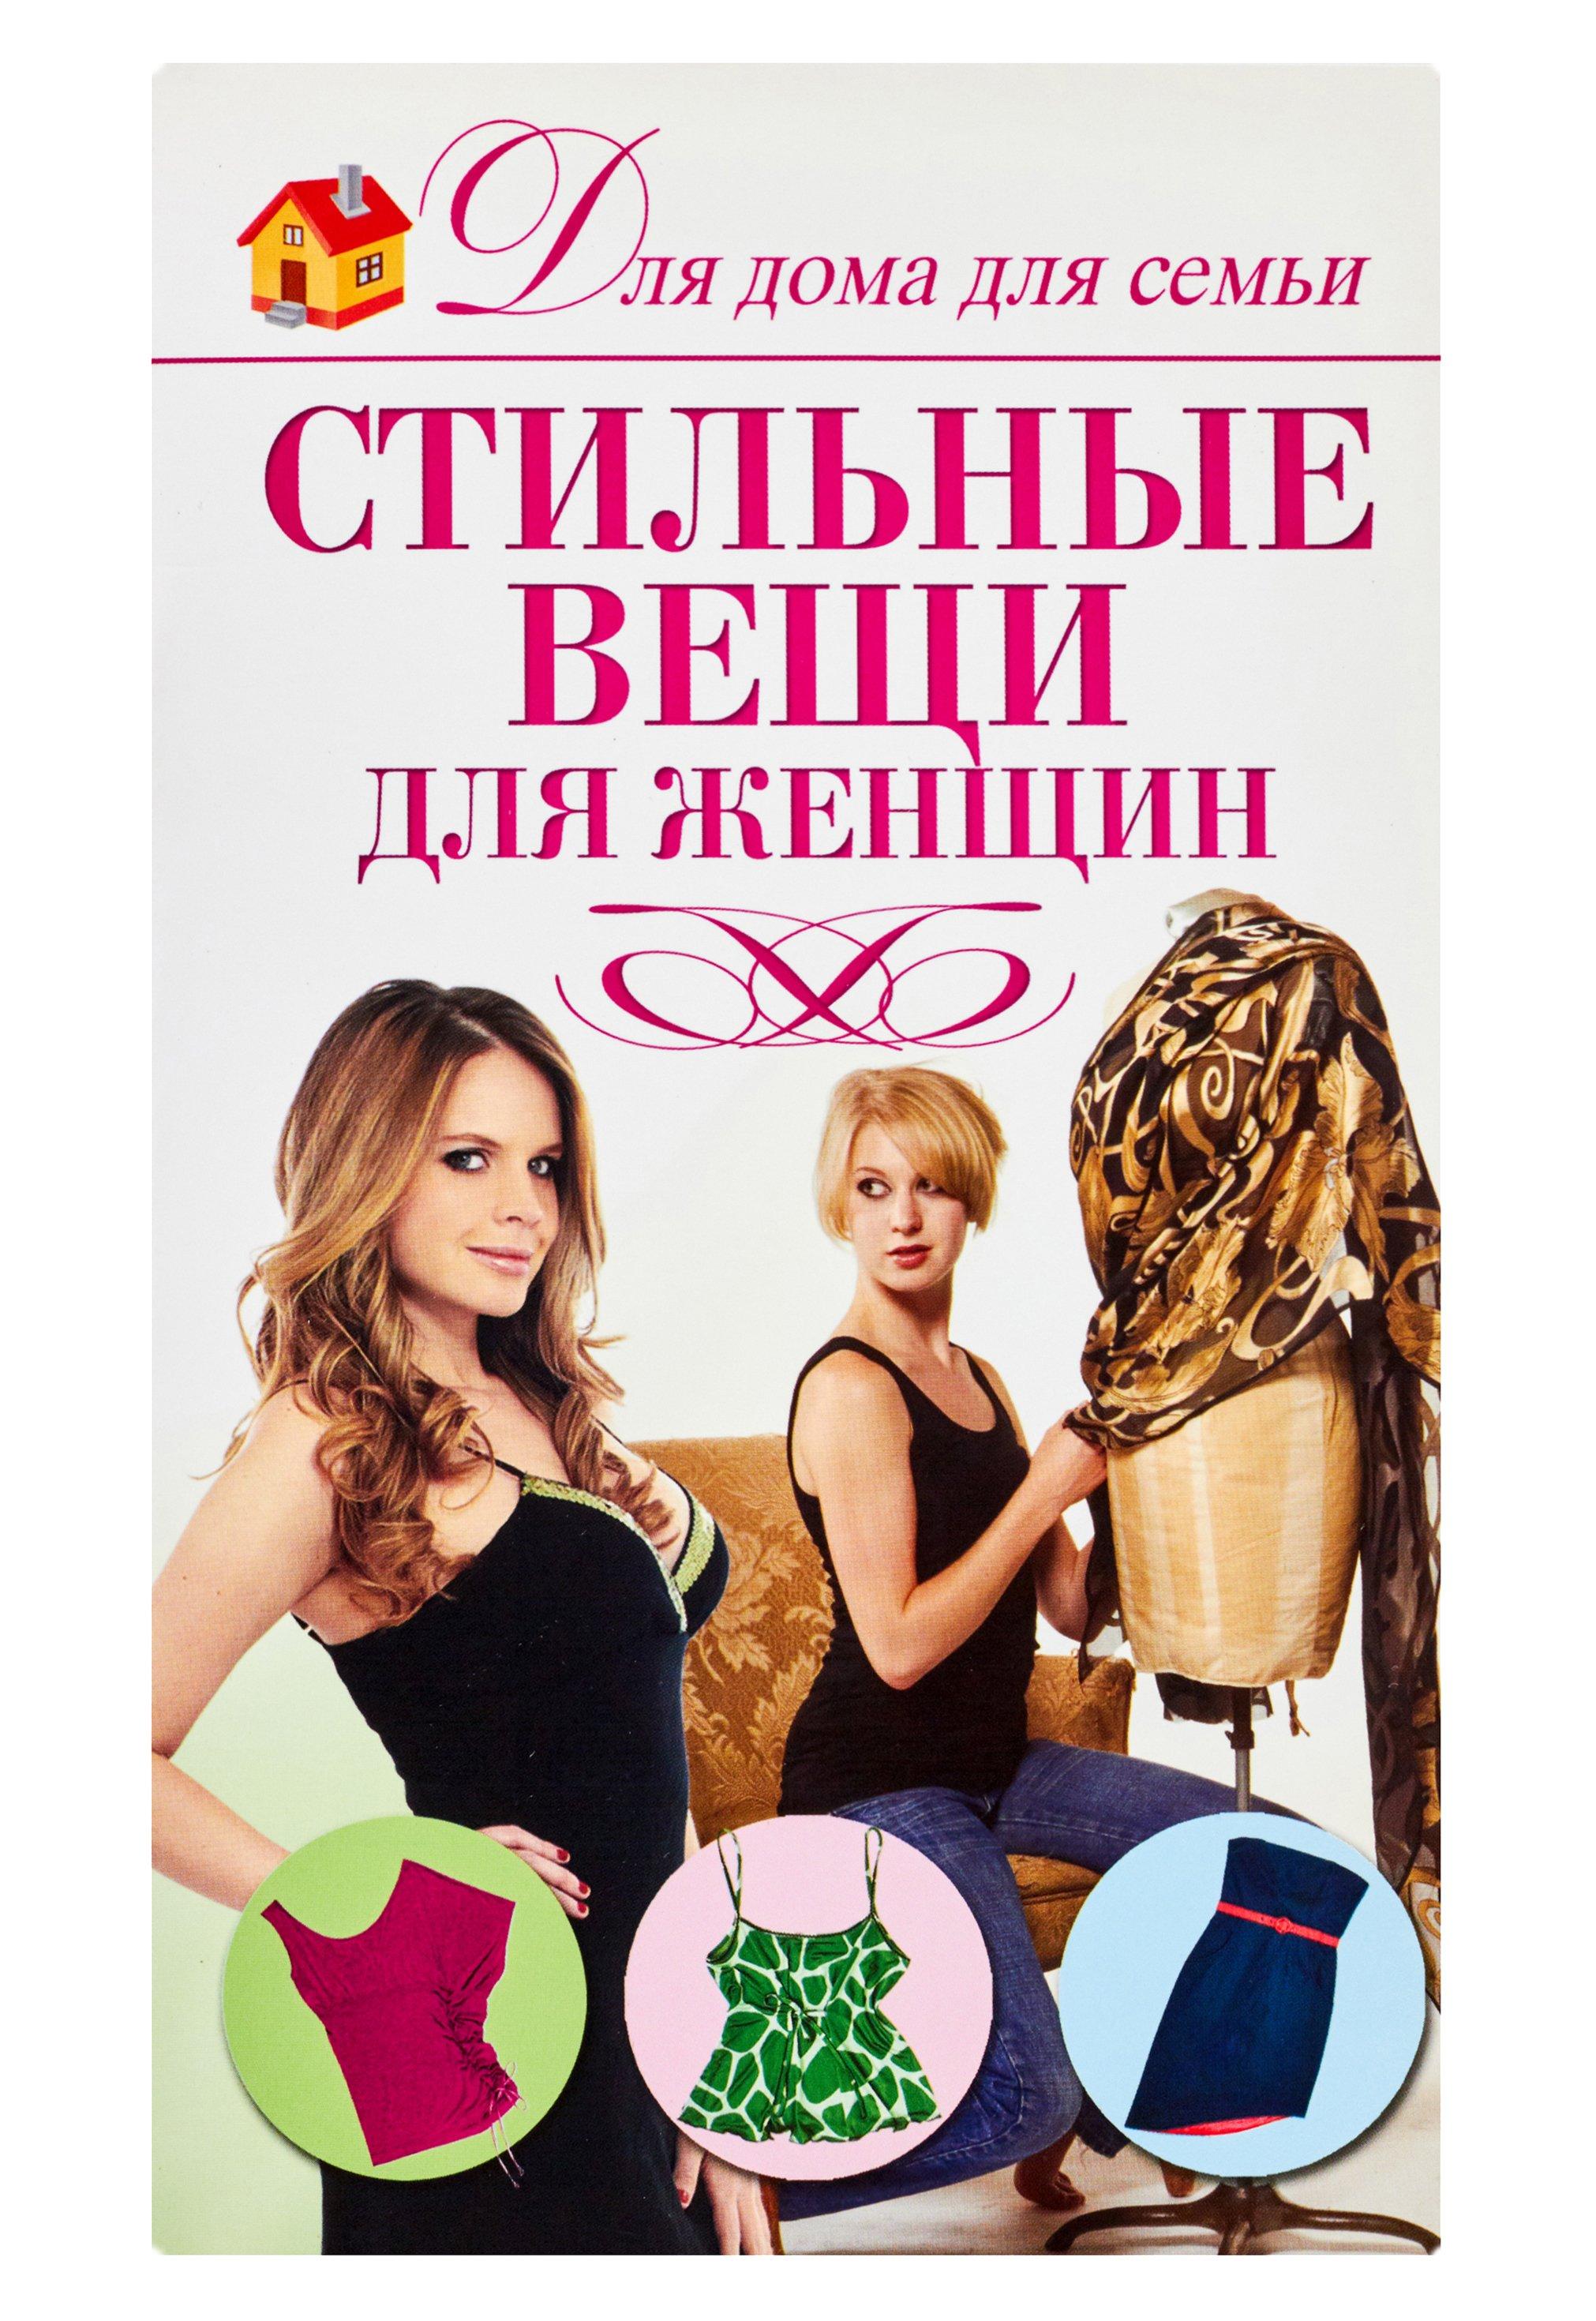 Кирьянова Ю.С. Стильные вещи для женщин